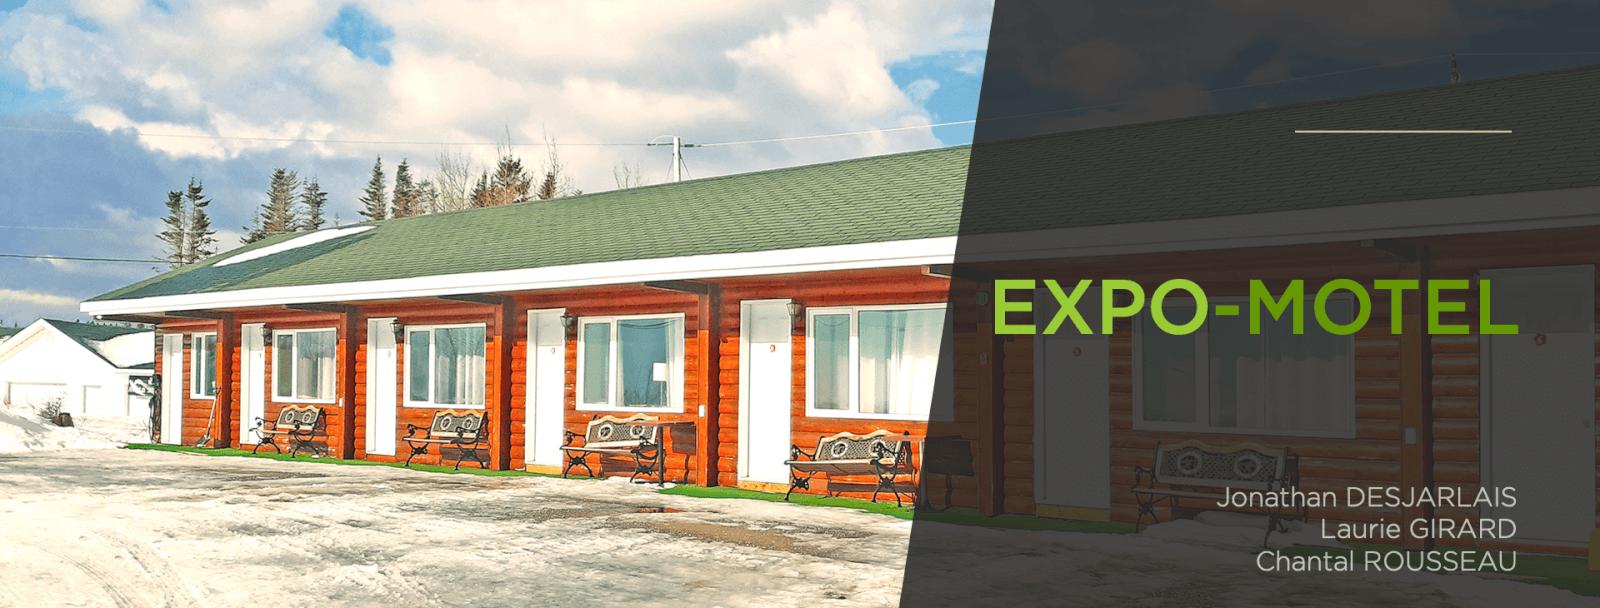 EXPO-MOTEL | Événement autoproduit par des membres